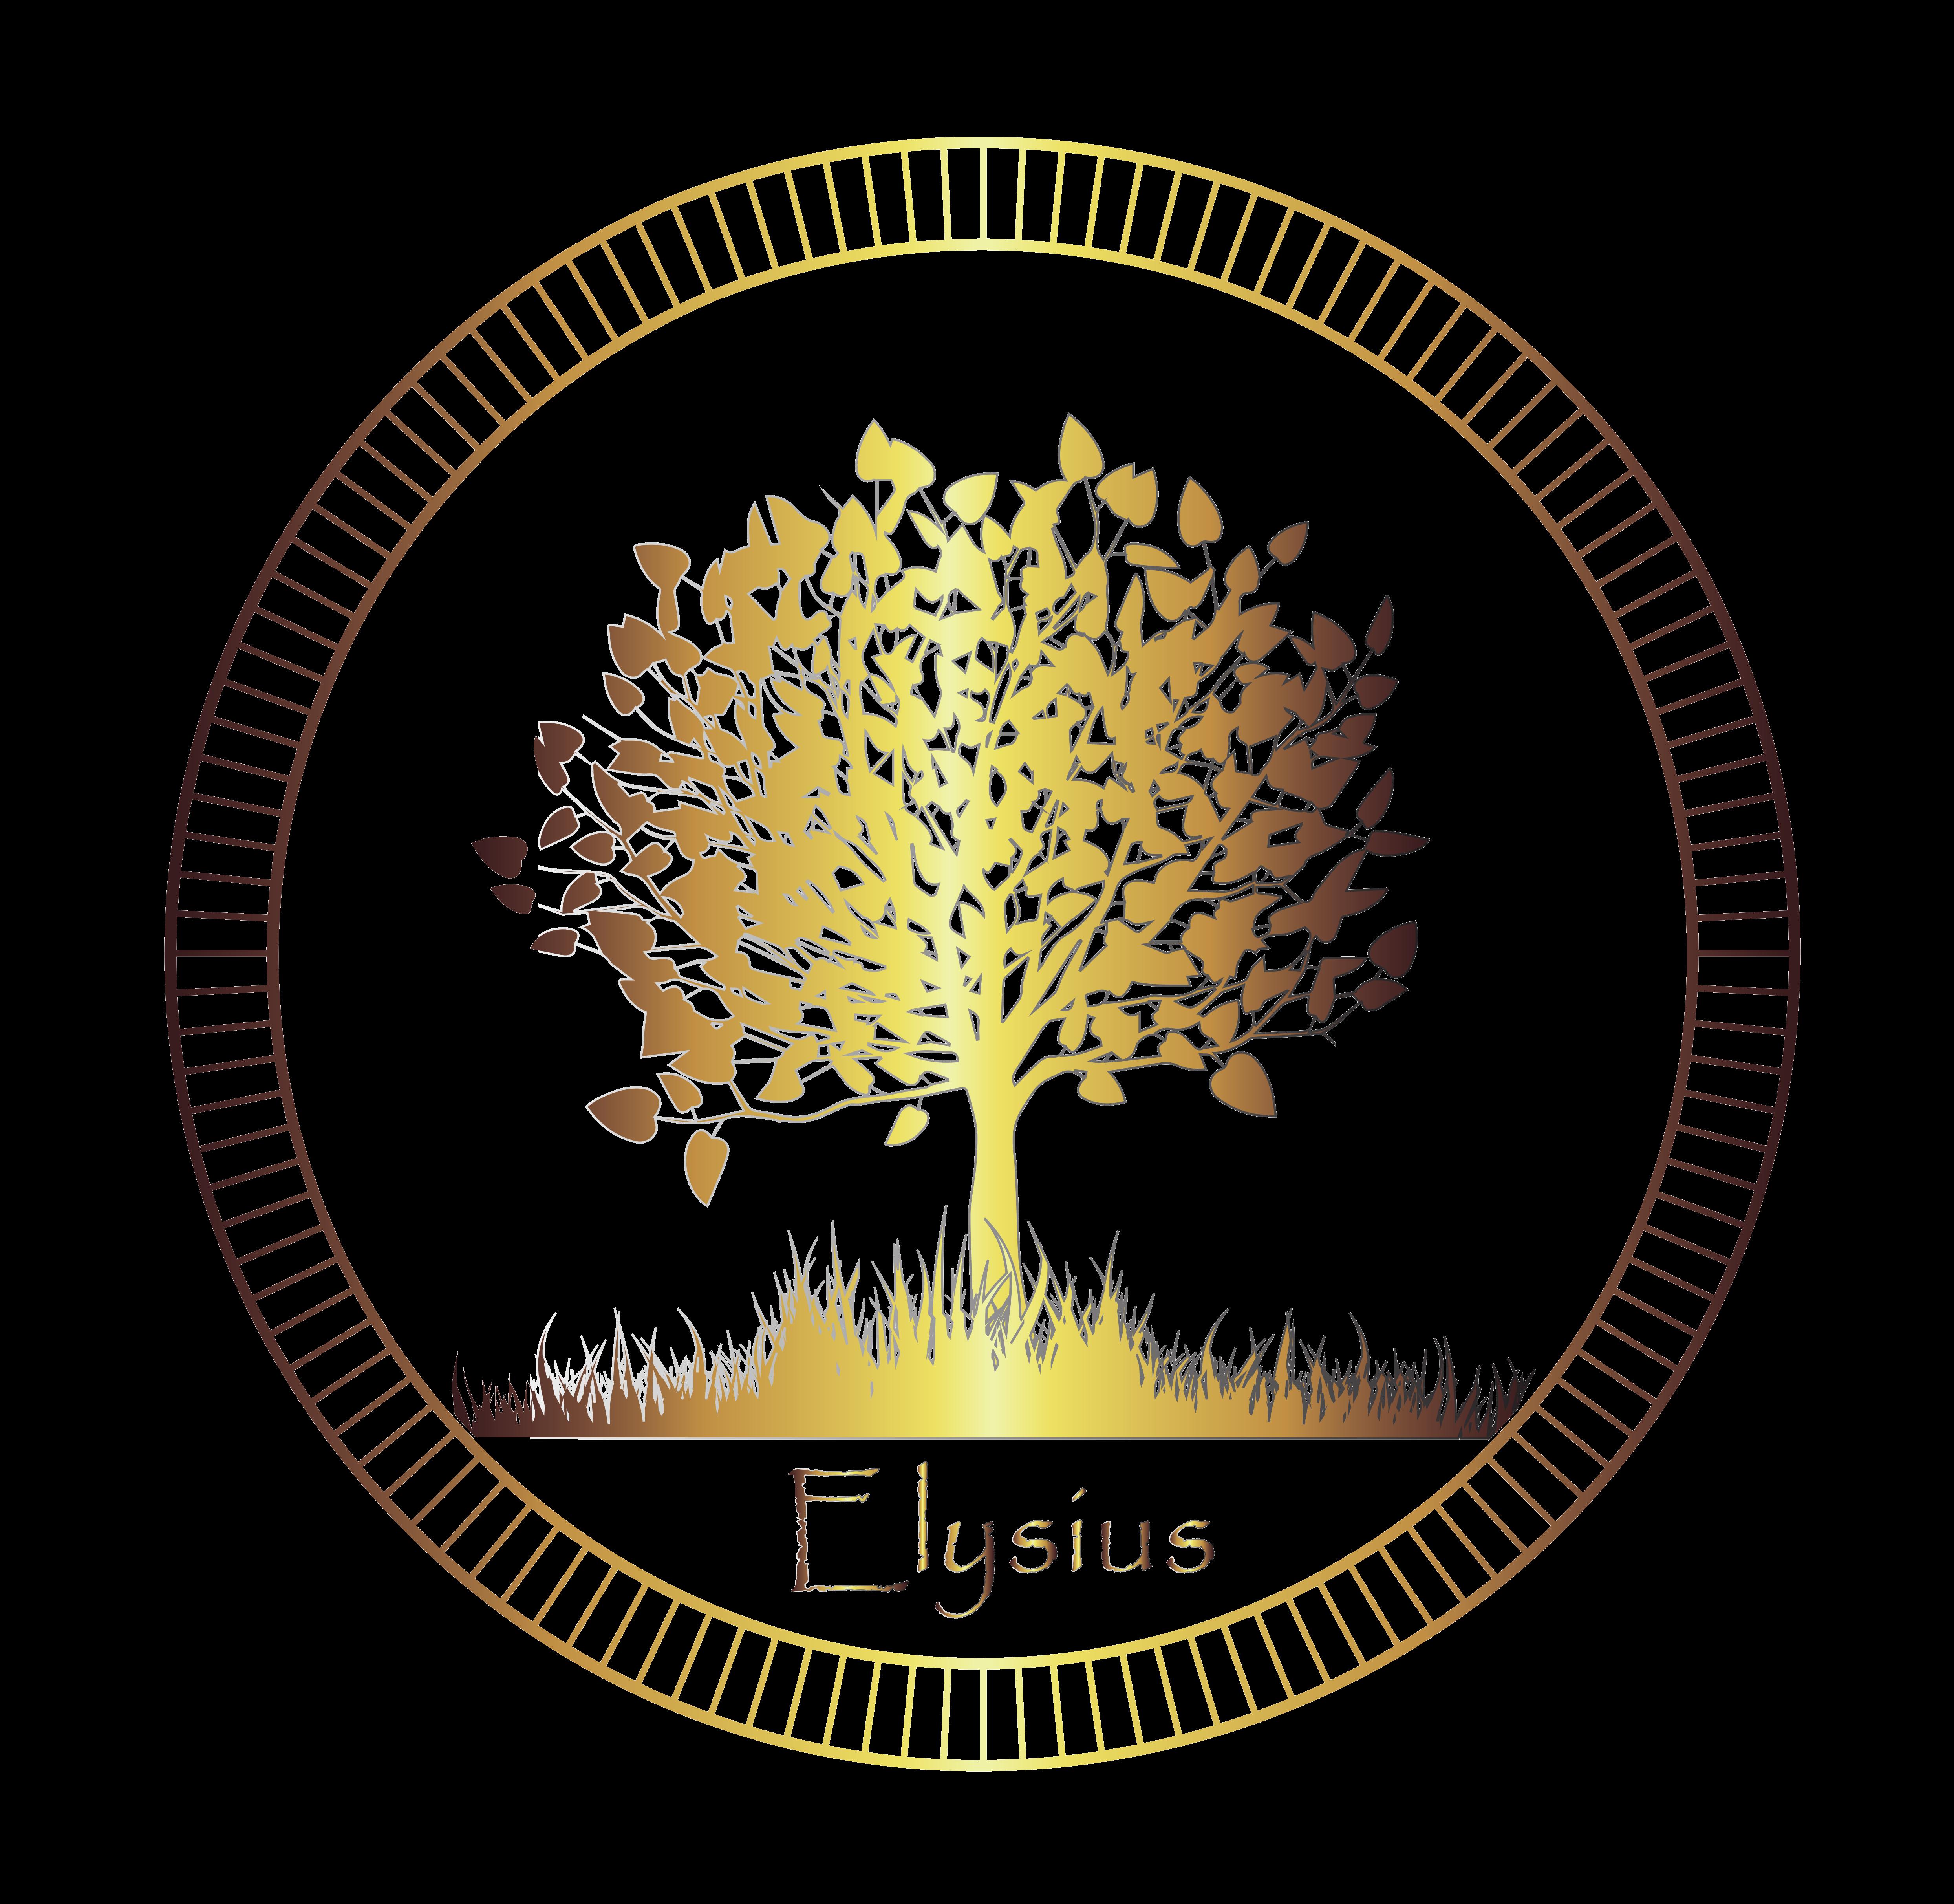 Elysius